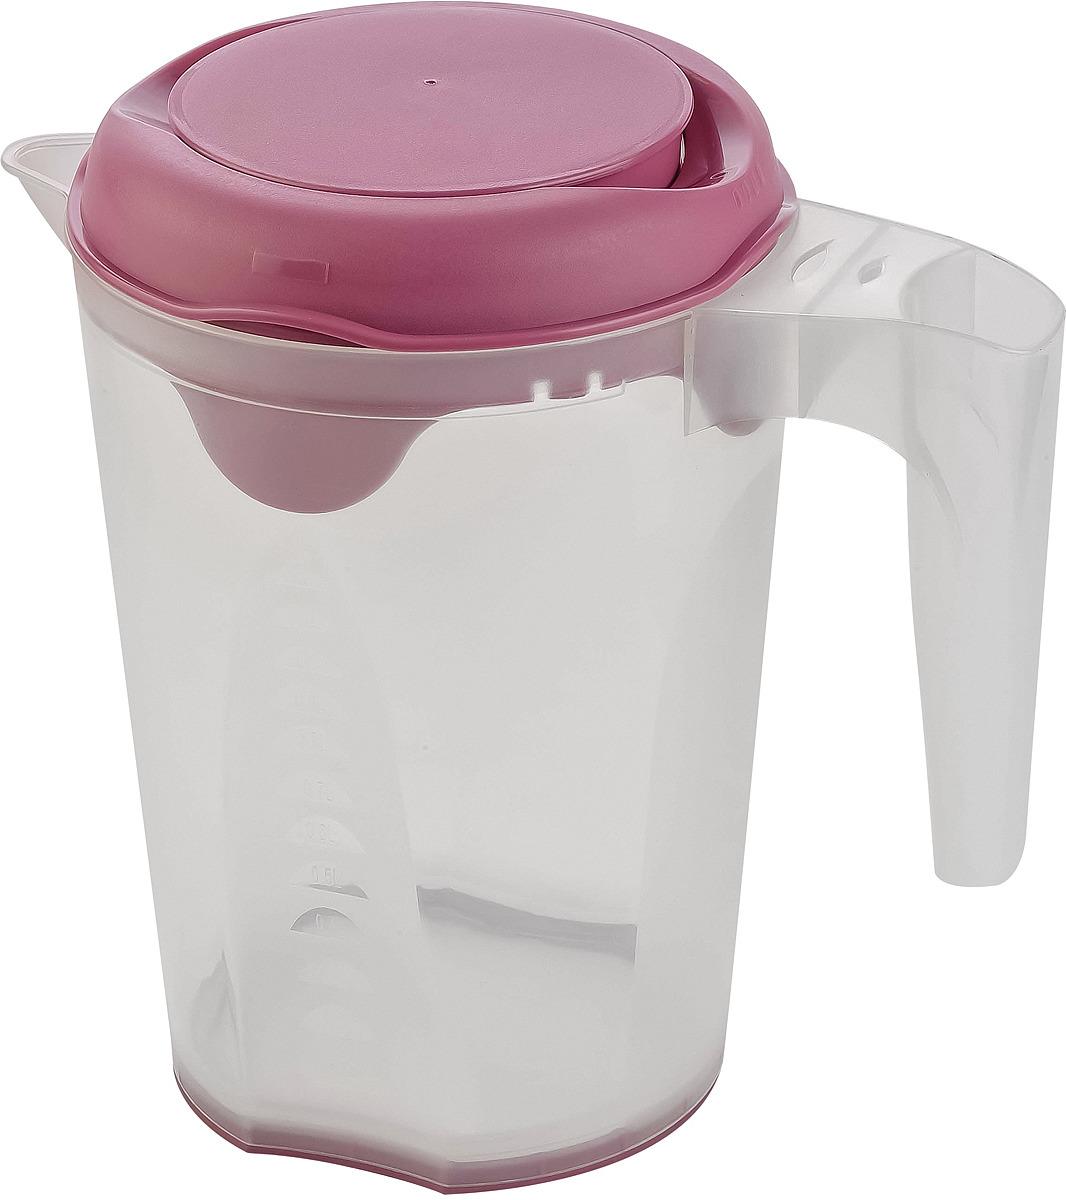 Емкость мерная Plast Team Bergen, PT1148ПУР-16, пурпурный, 1,5 л